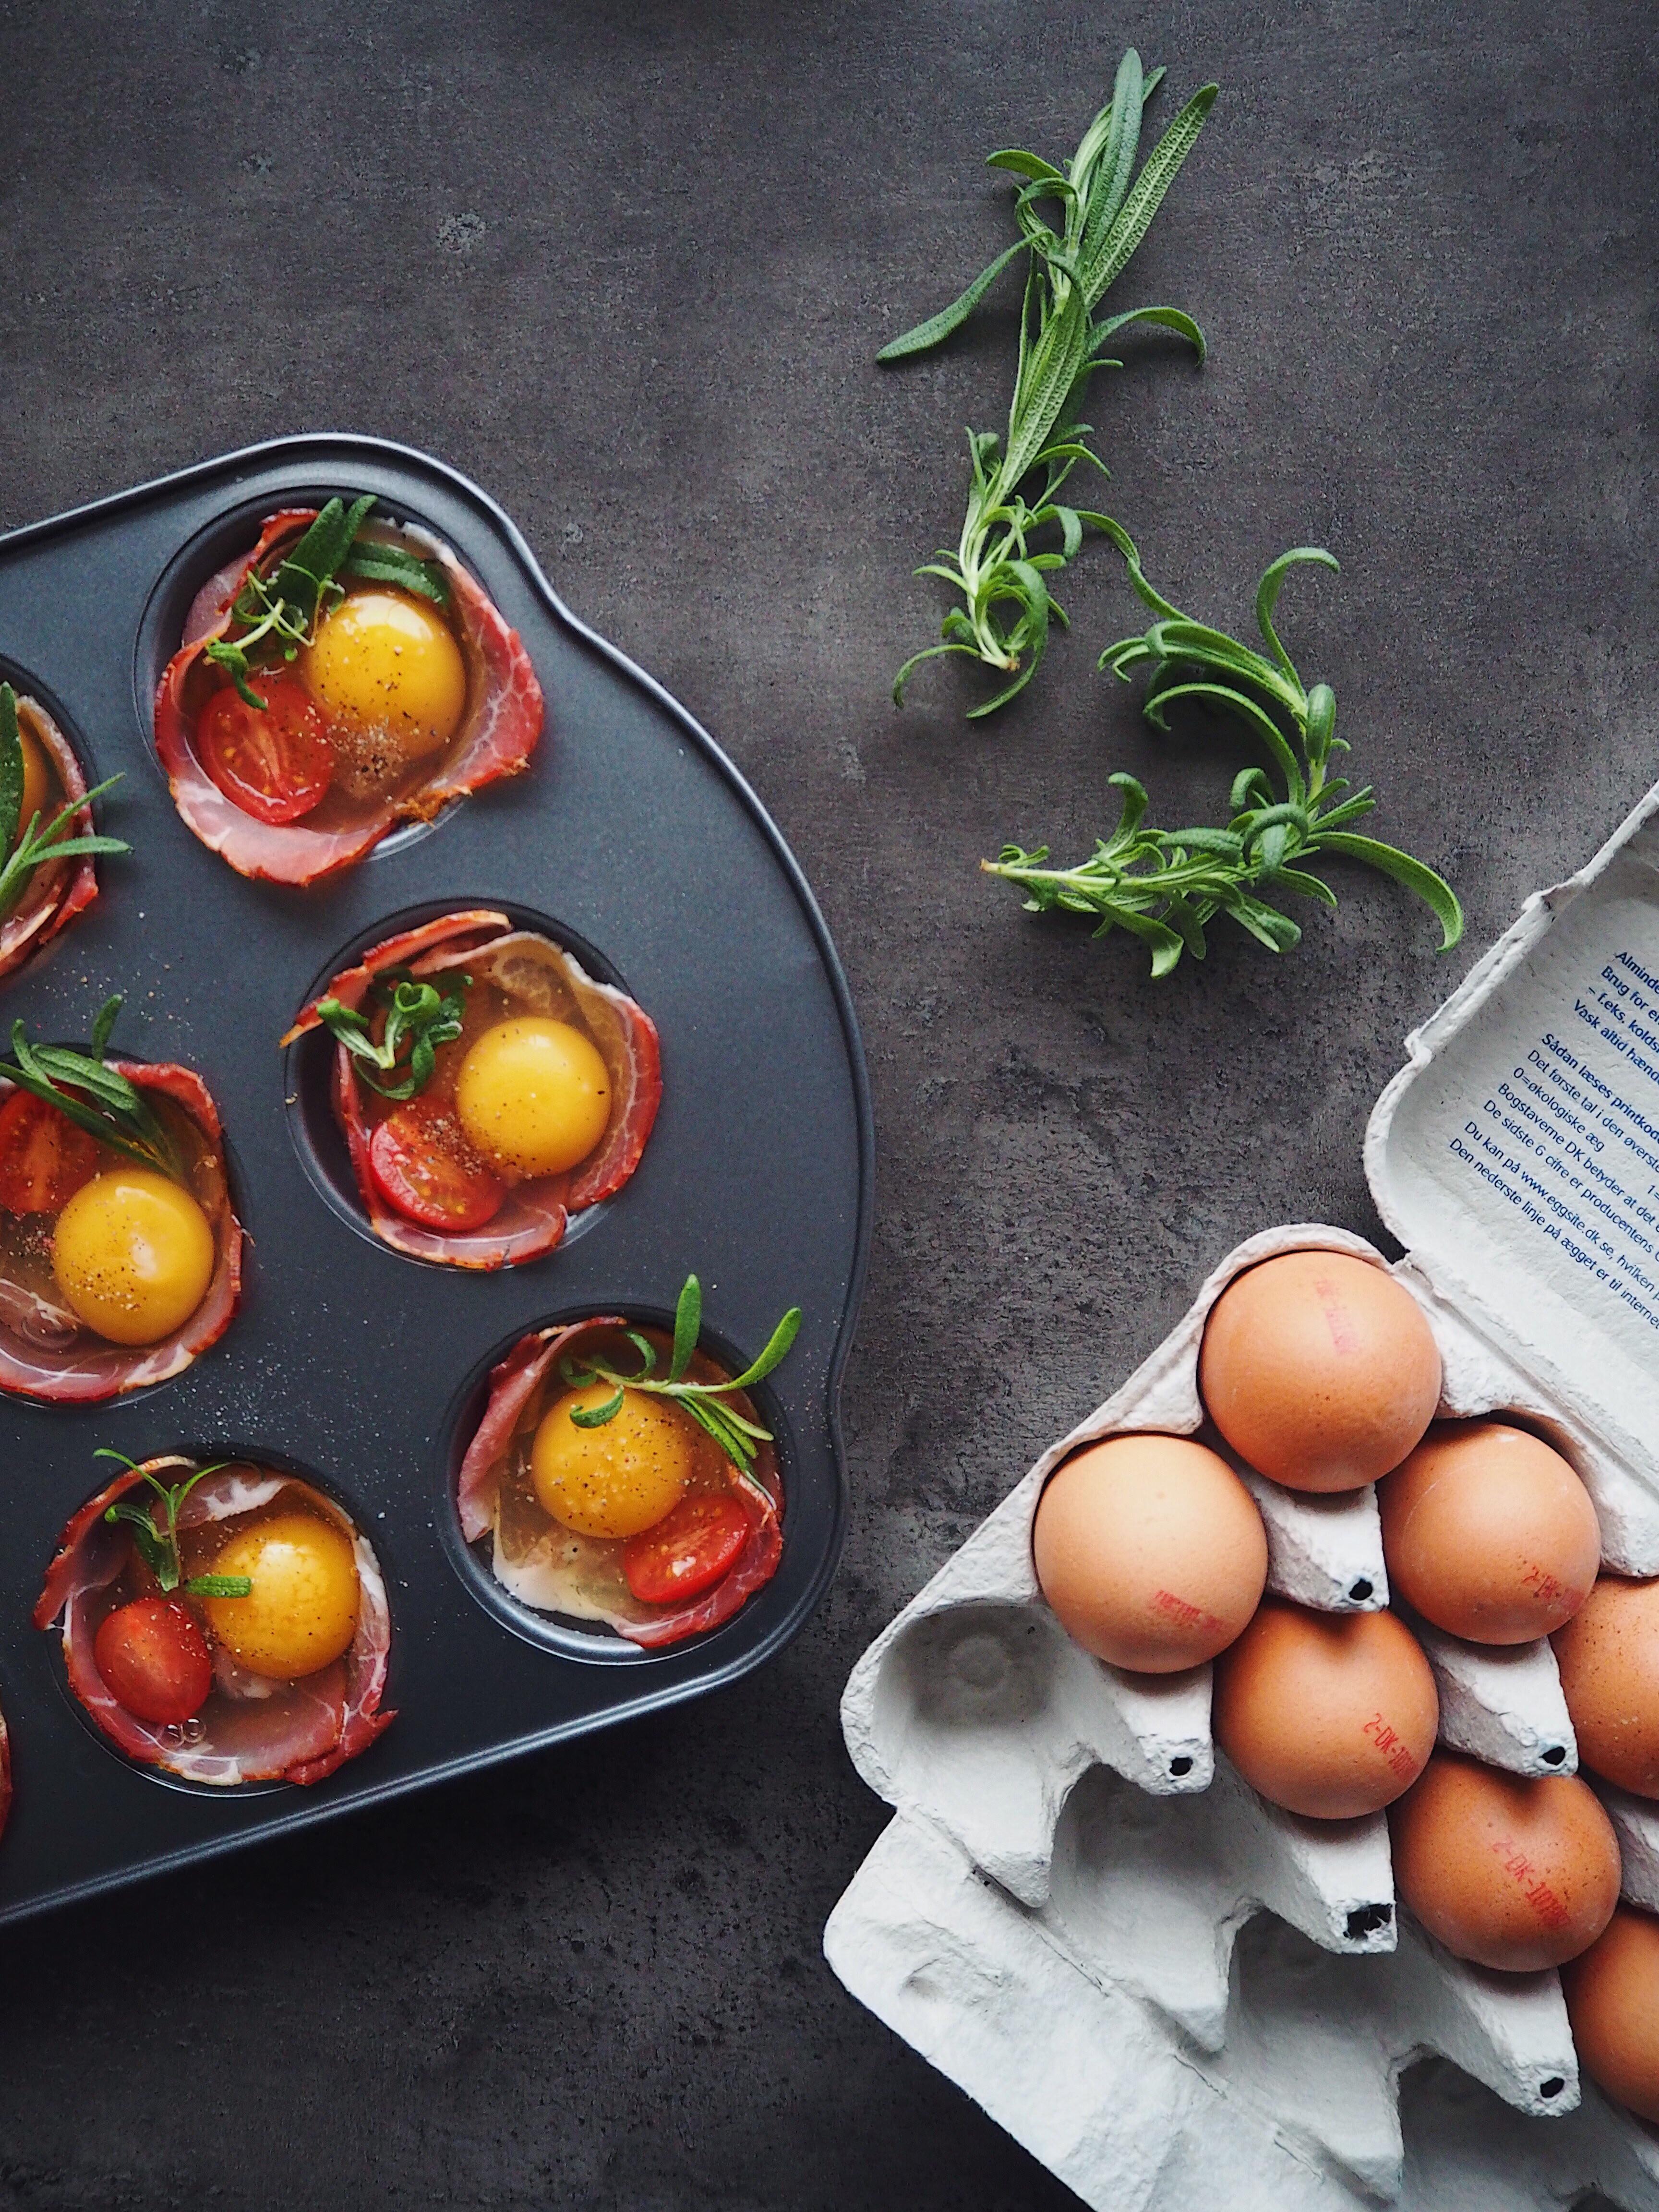 Simple æggemuffins Med Serranoskinke Og Frisk Rosmarin Sundheds Og